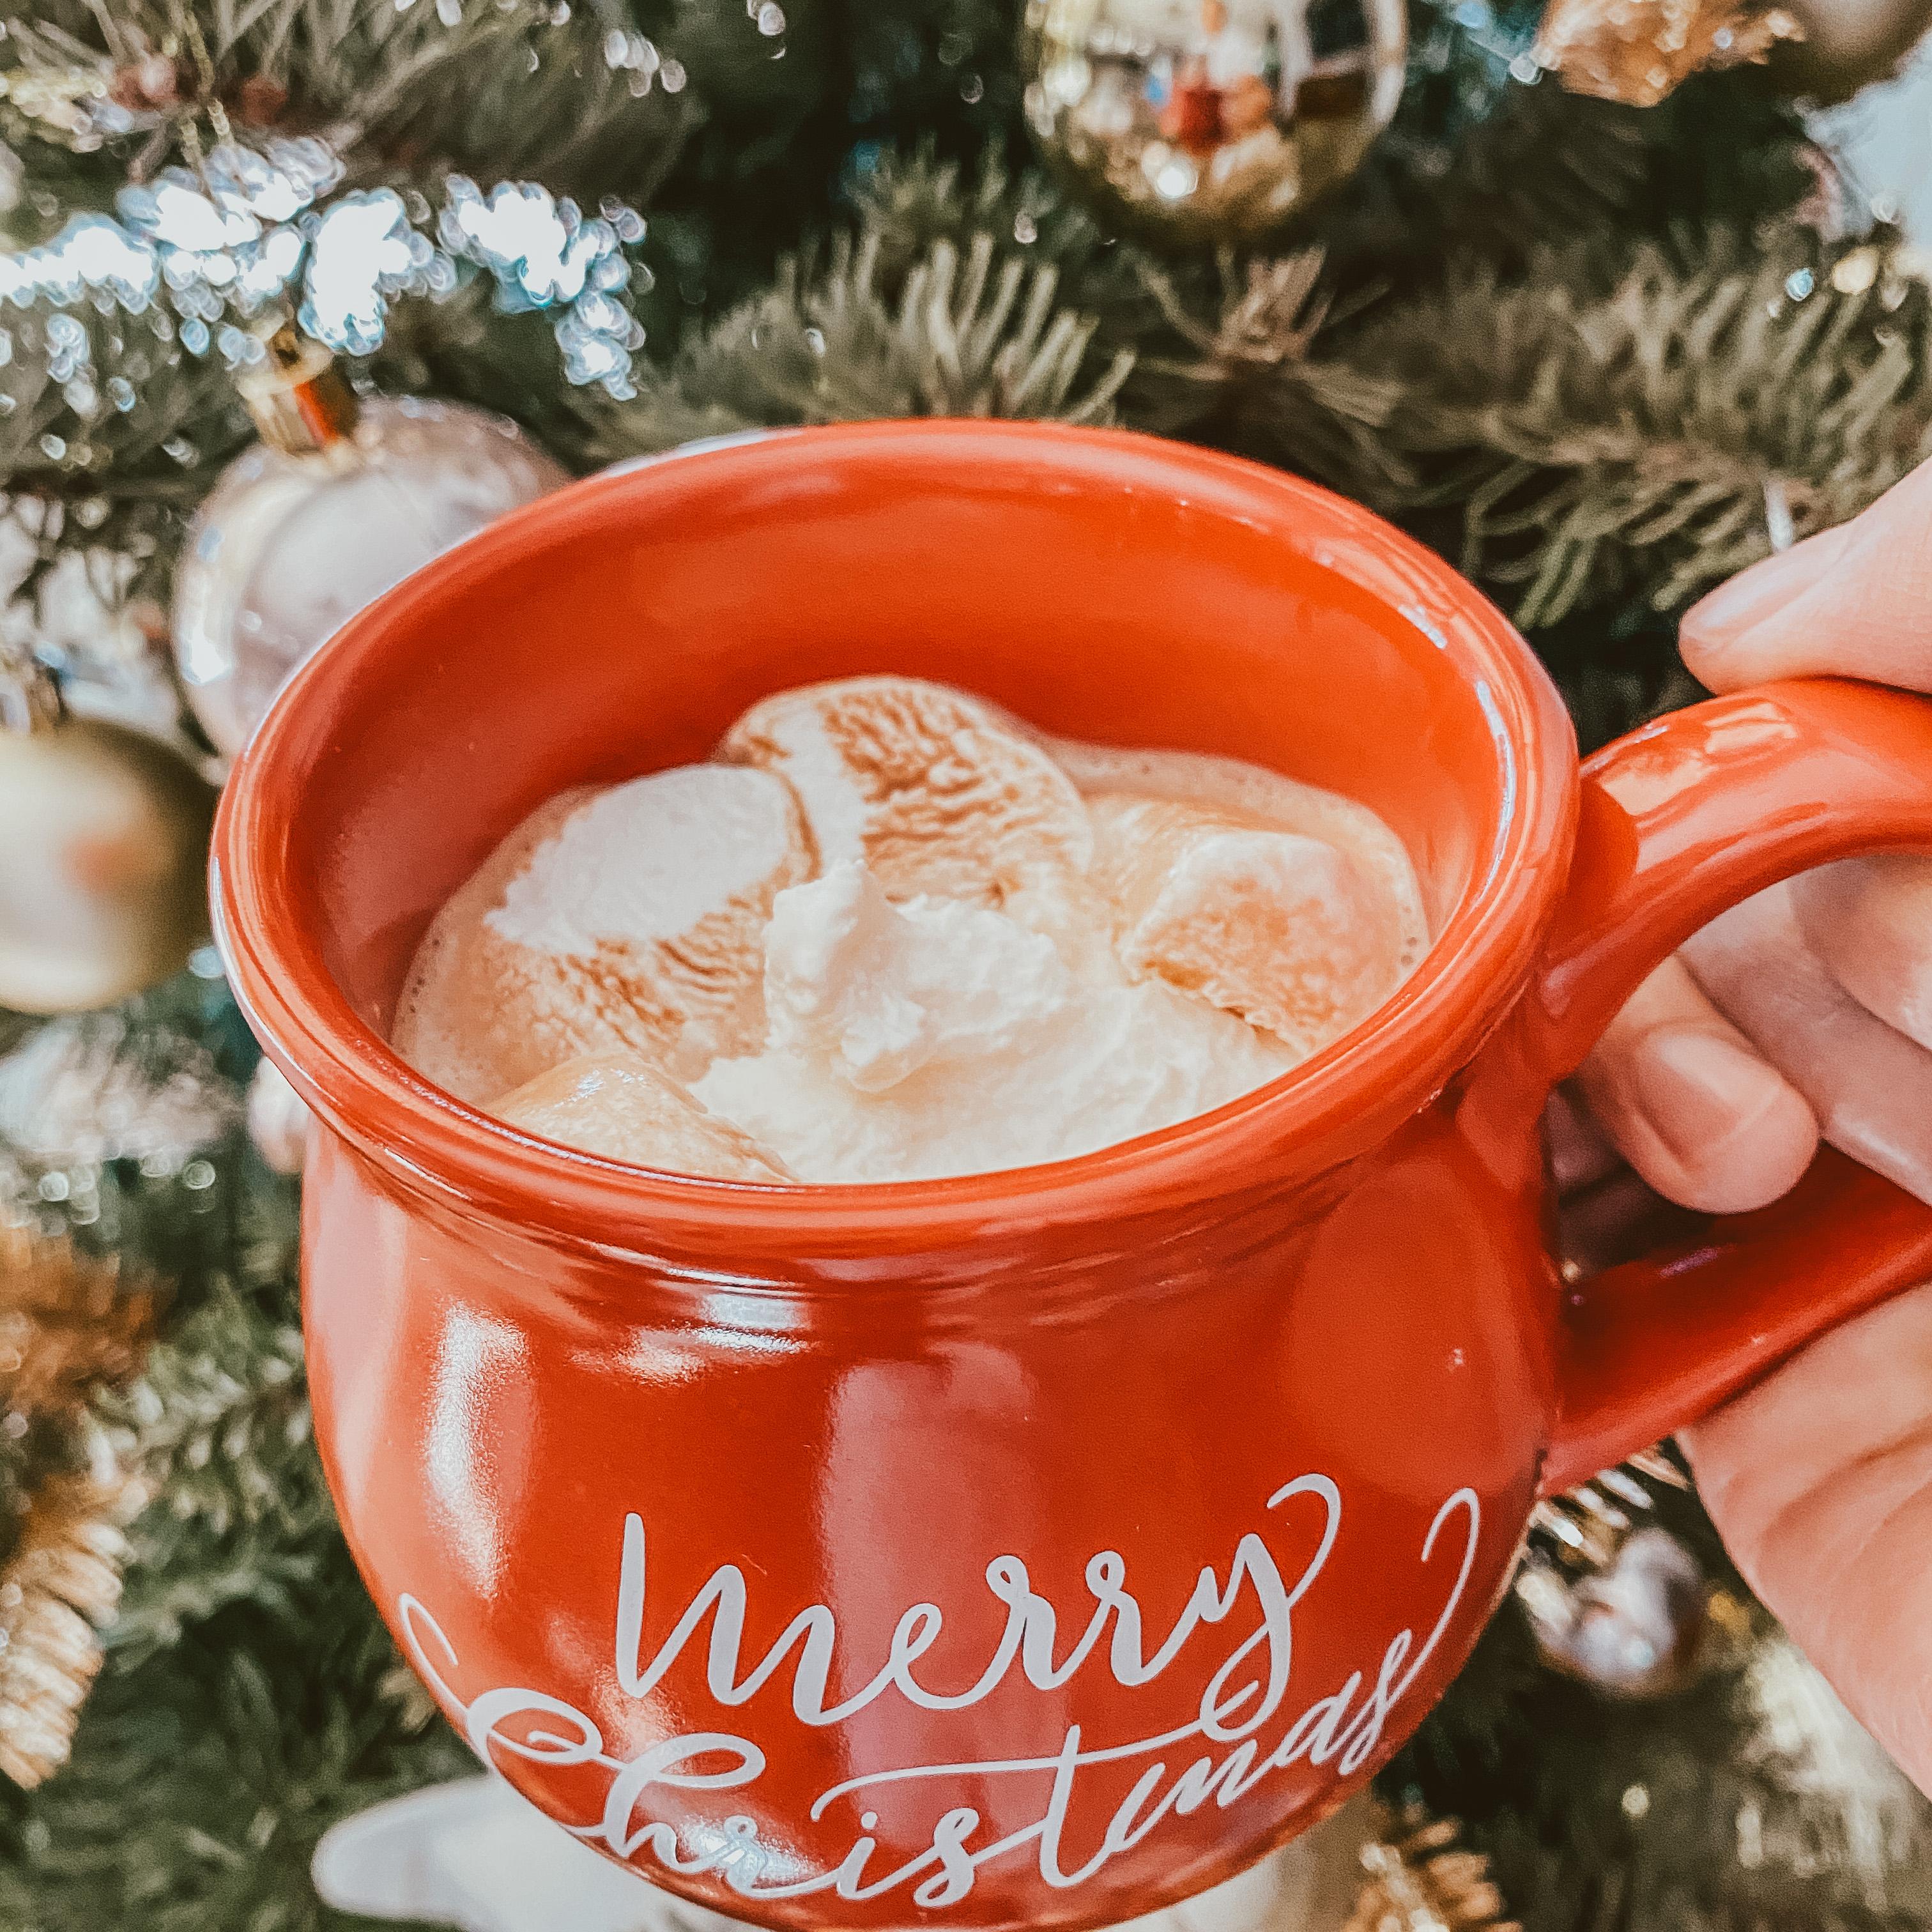 Creamy Hot Cocoa glenna